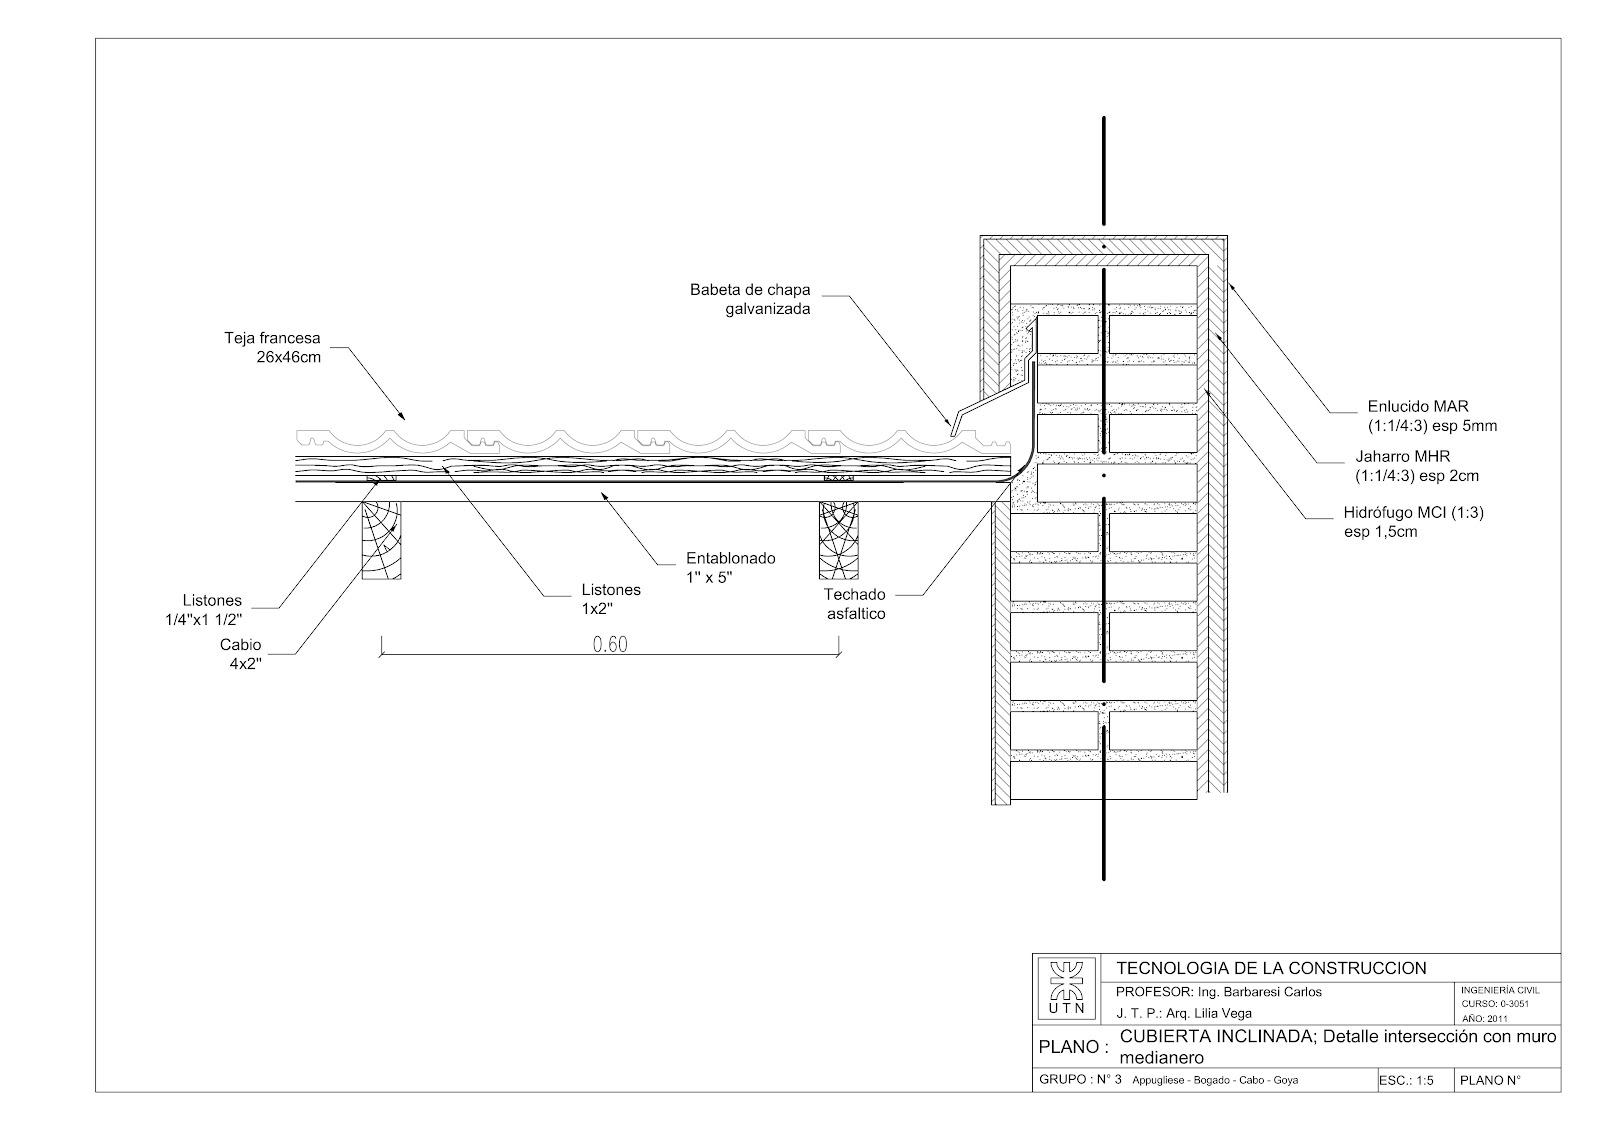 Detalles constructivos cad detalles cubierta inclinada y plana - Detalle constructivo techo ...